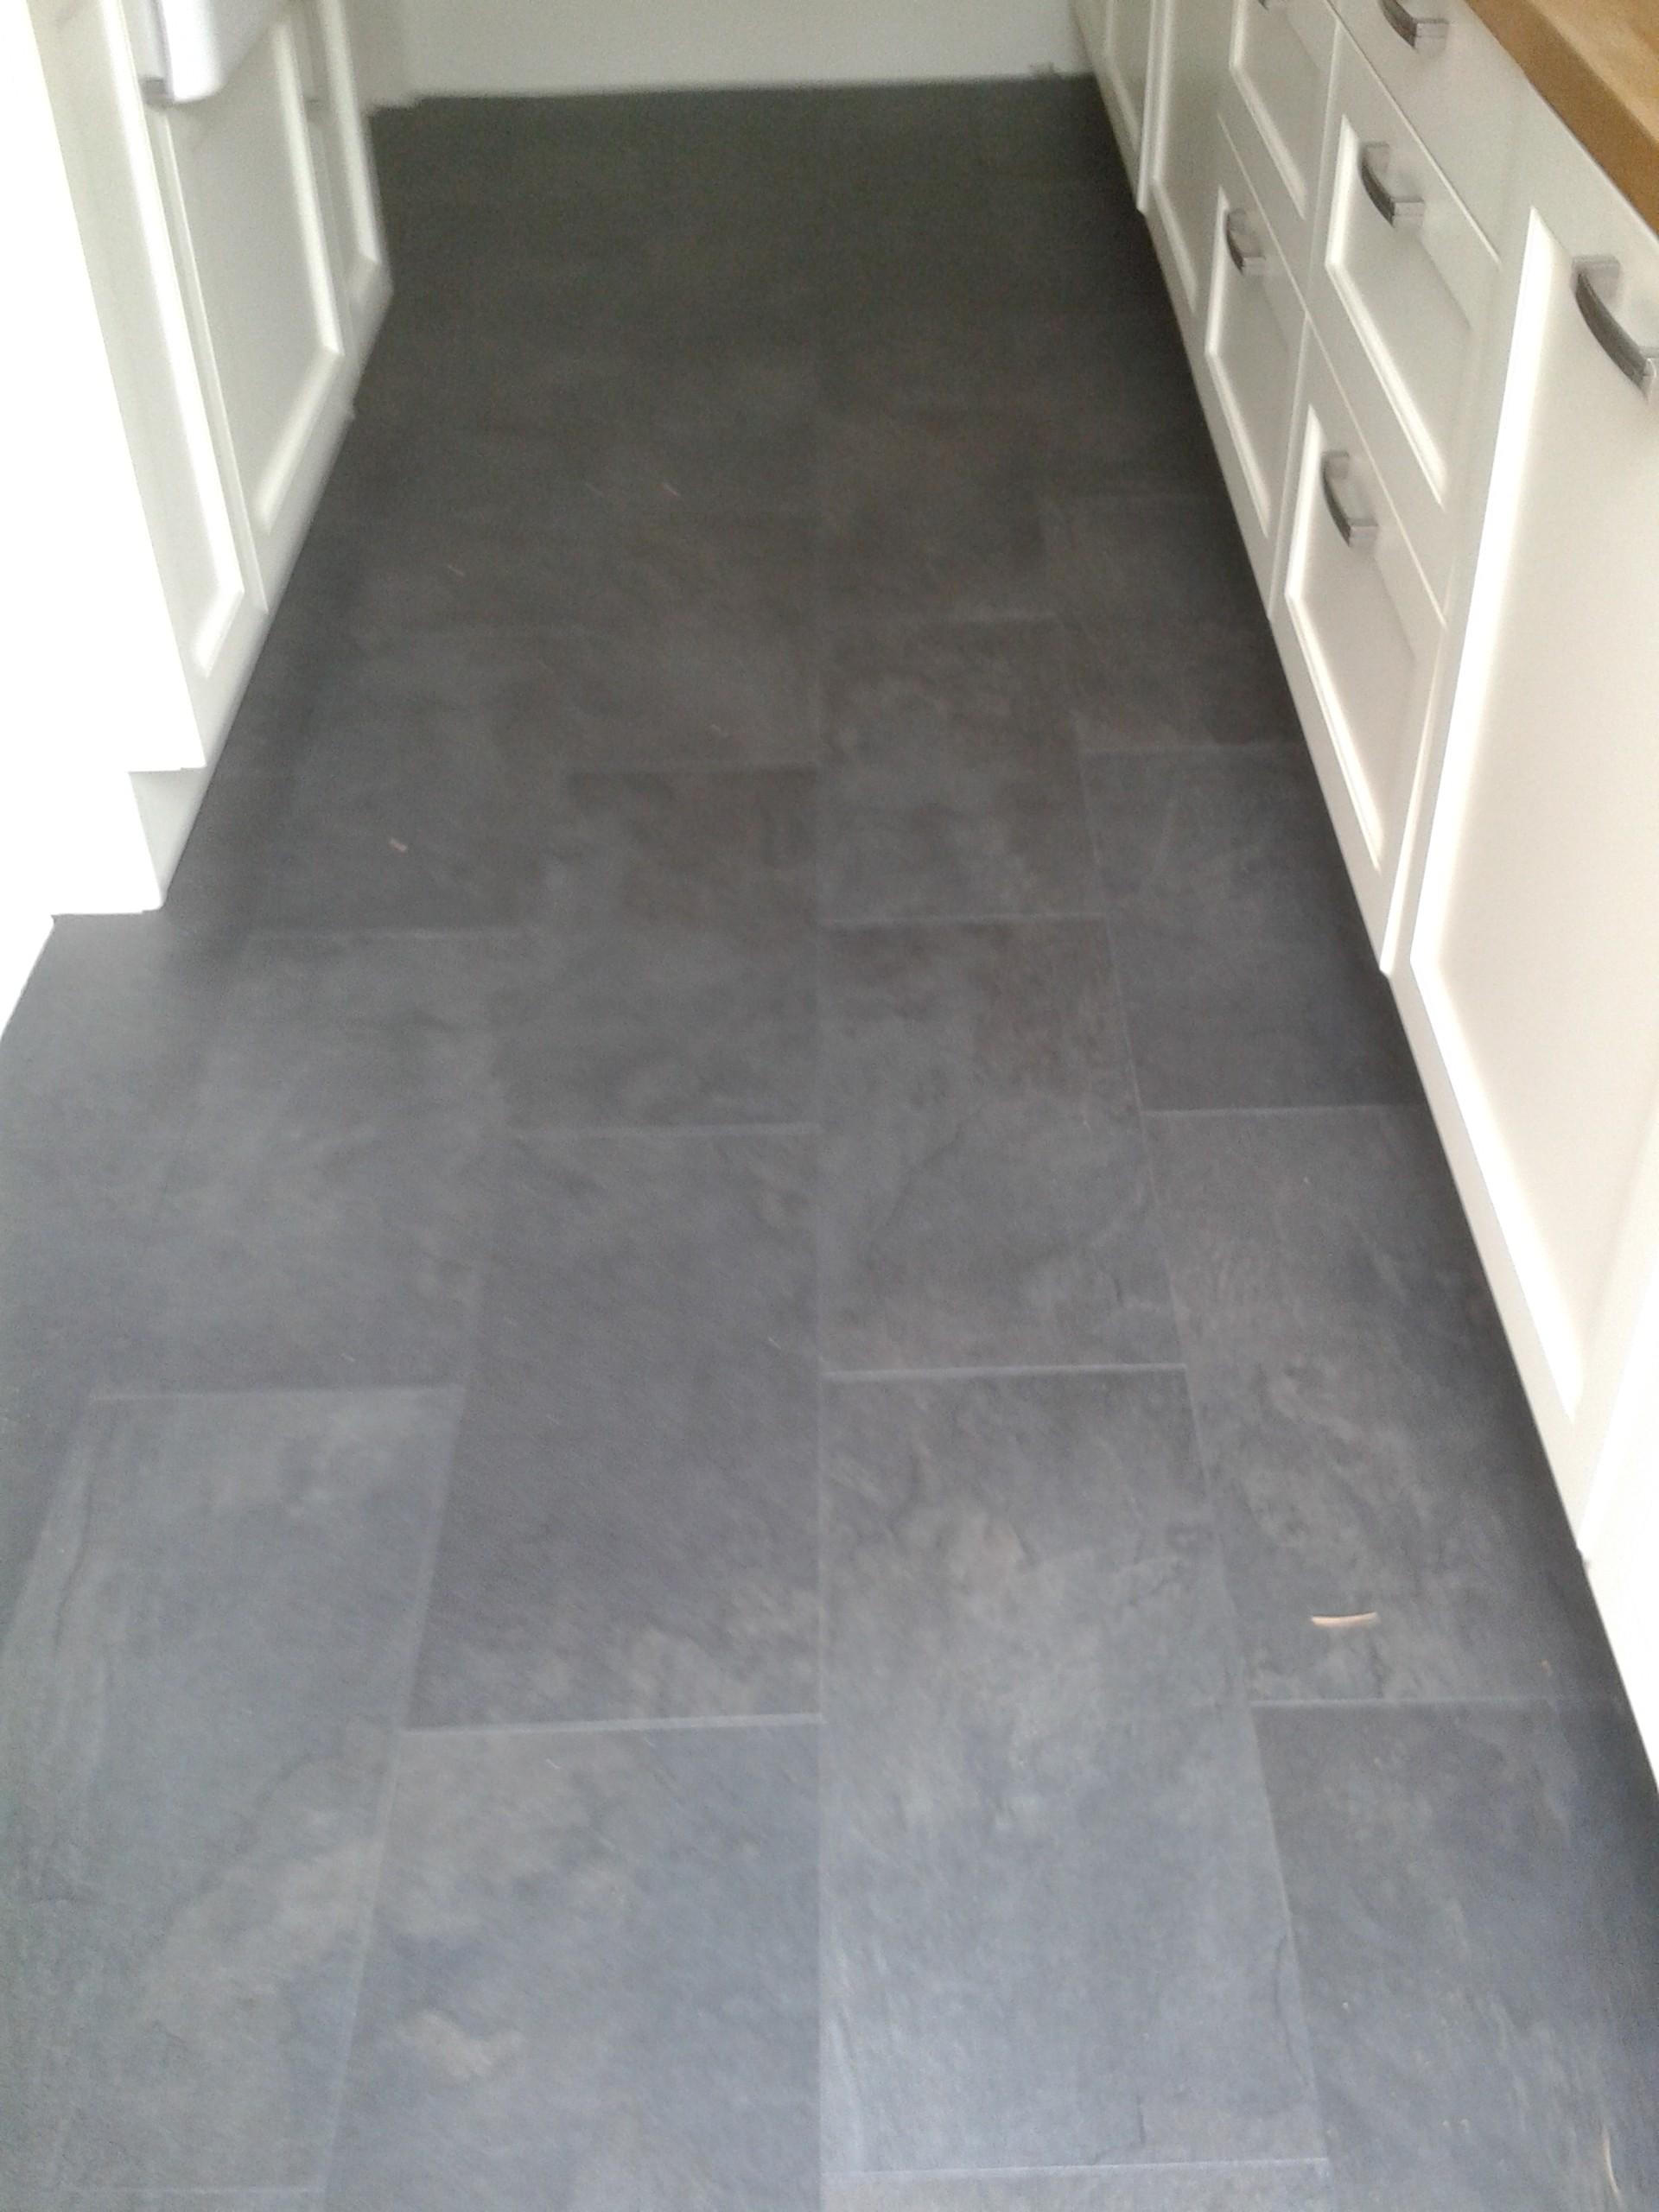 Tegel laminaat woonkamer tegel laminaat woonkamer - Vloeren vinyl cement tegel ...